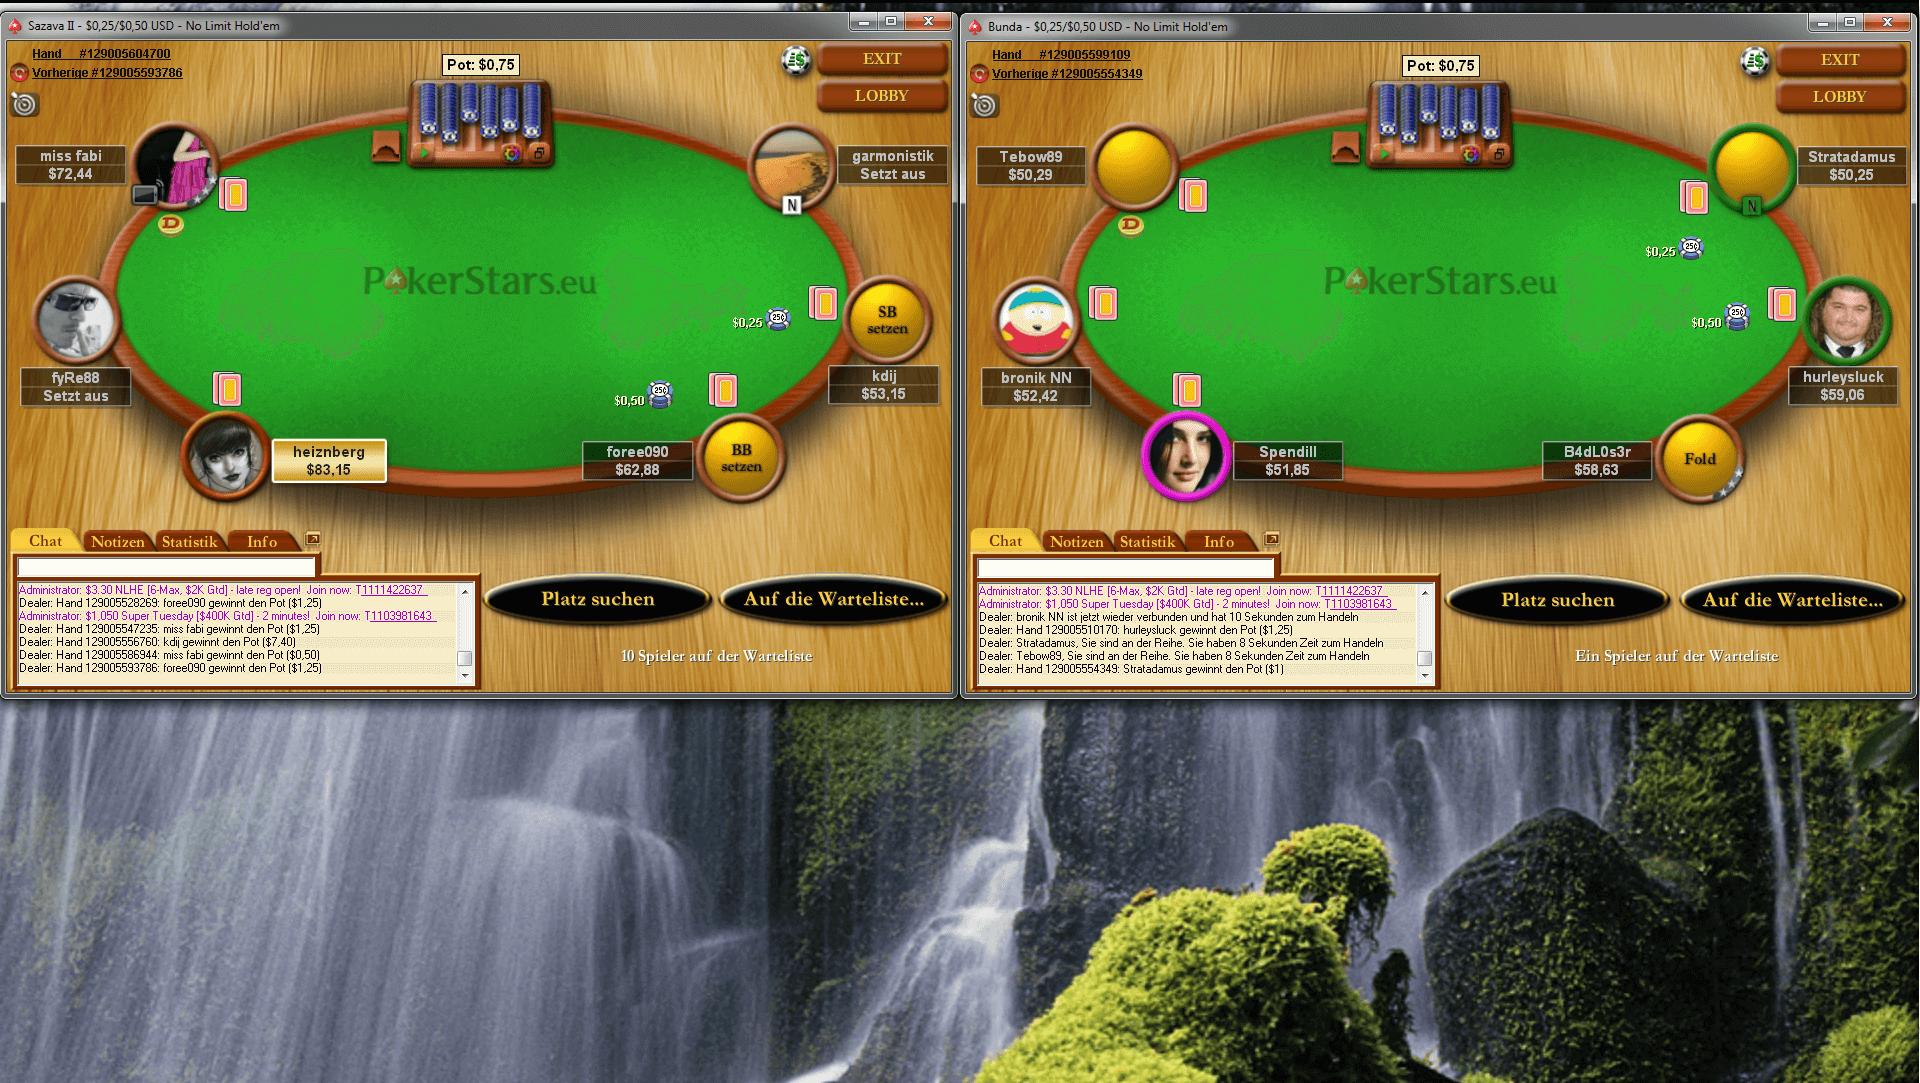 Poker Monitor - Tischanordnung